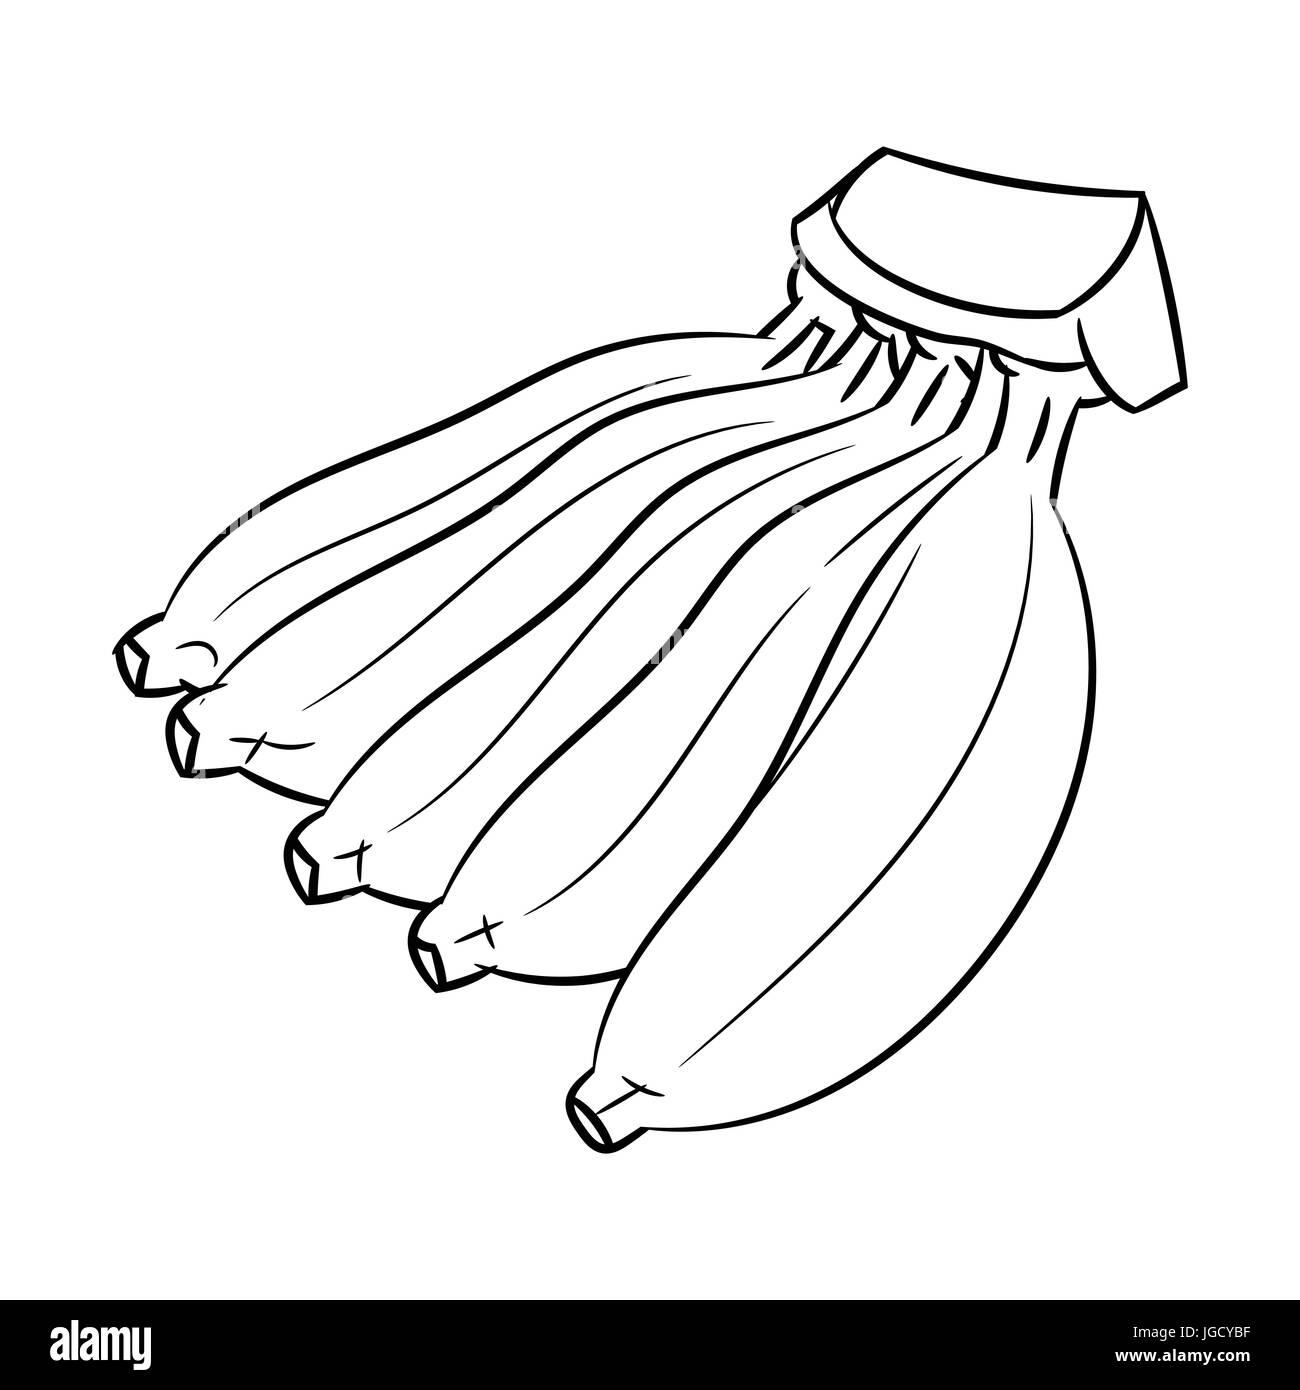 Croquis Dibujados A Mano De Plátanos Cultivados Aislados En